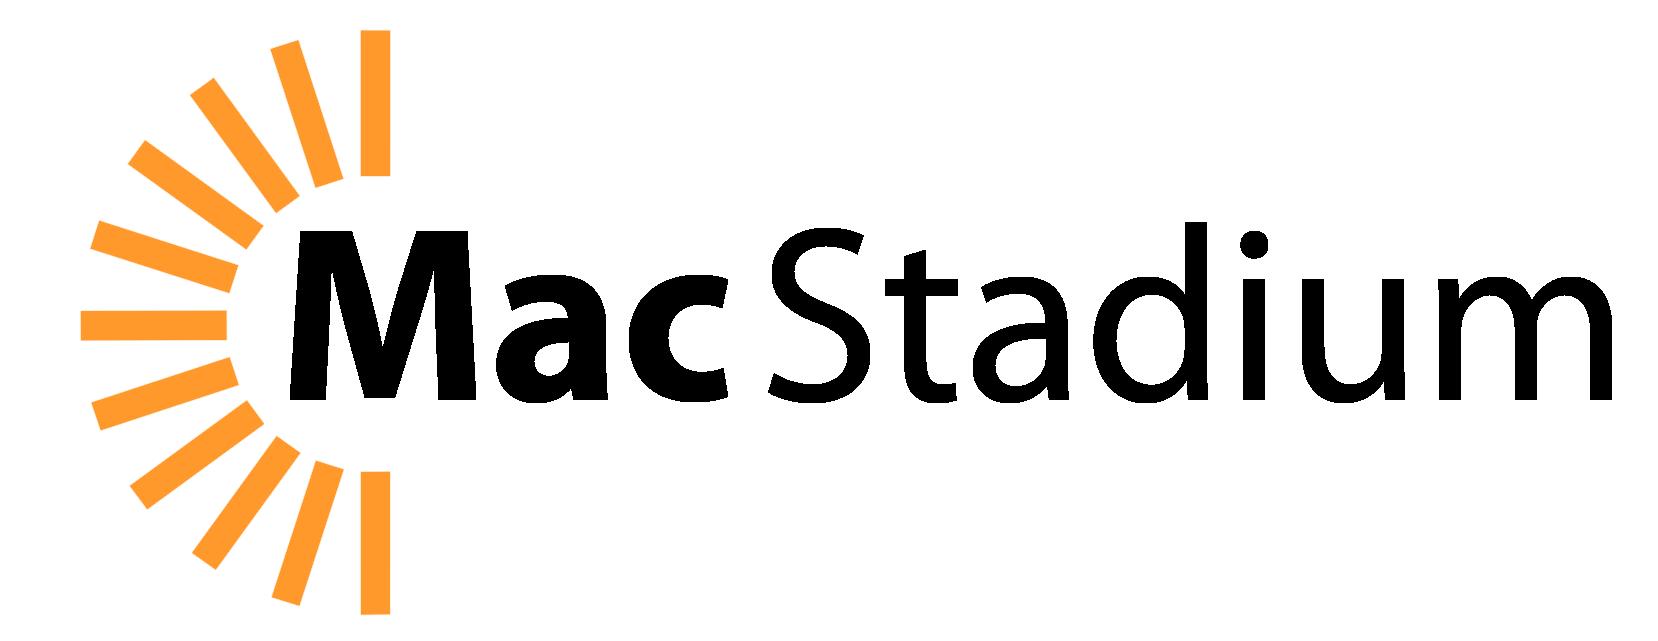 MacStadium Ideas Portal Logo